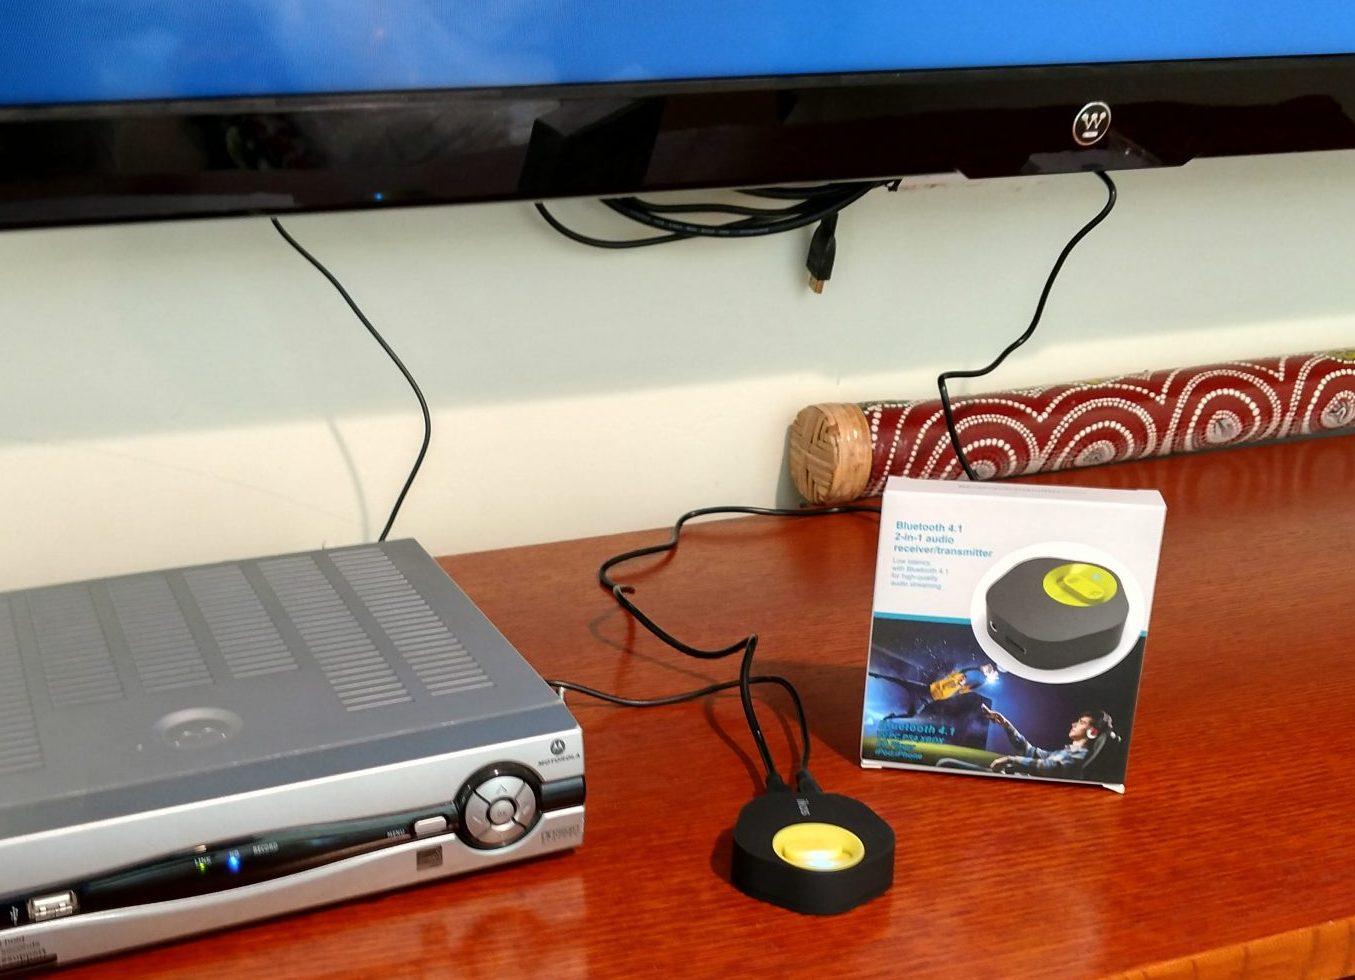 IKOS Bluetooth 4.1 Transmitter & Receiver